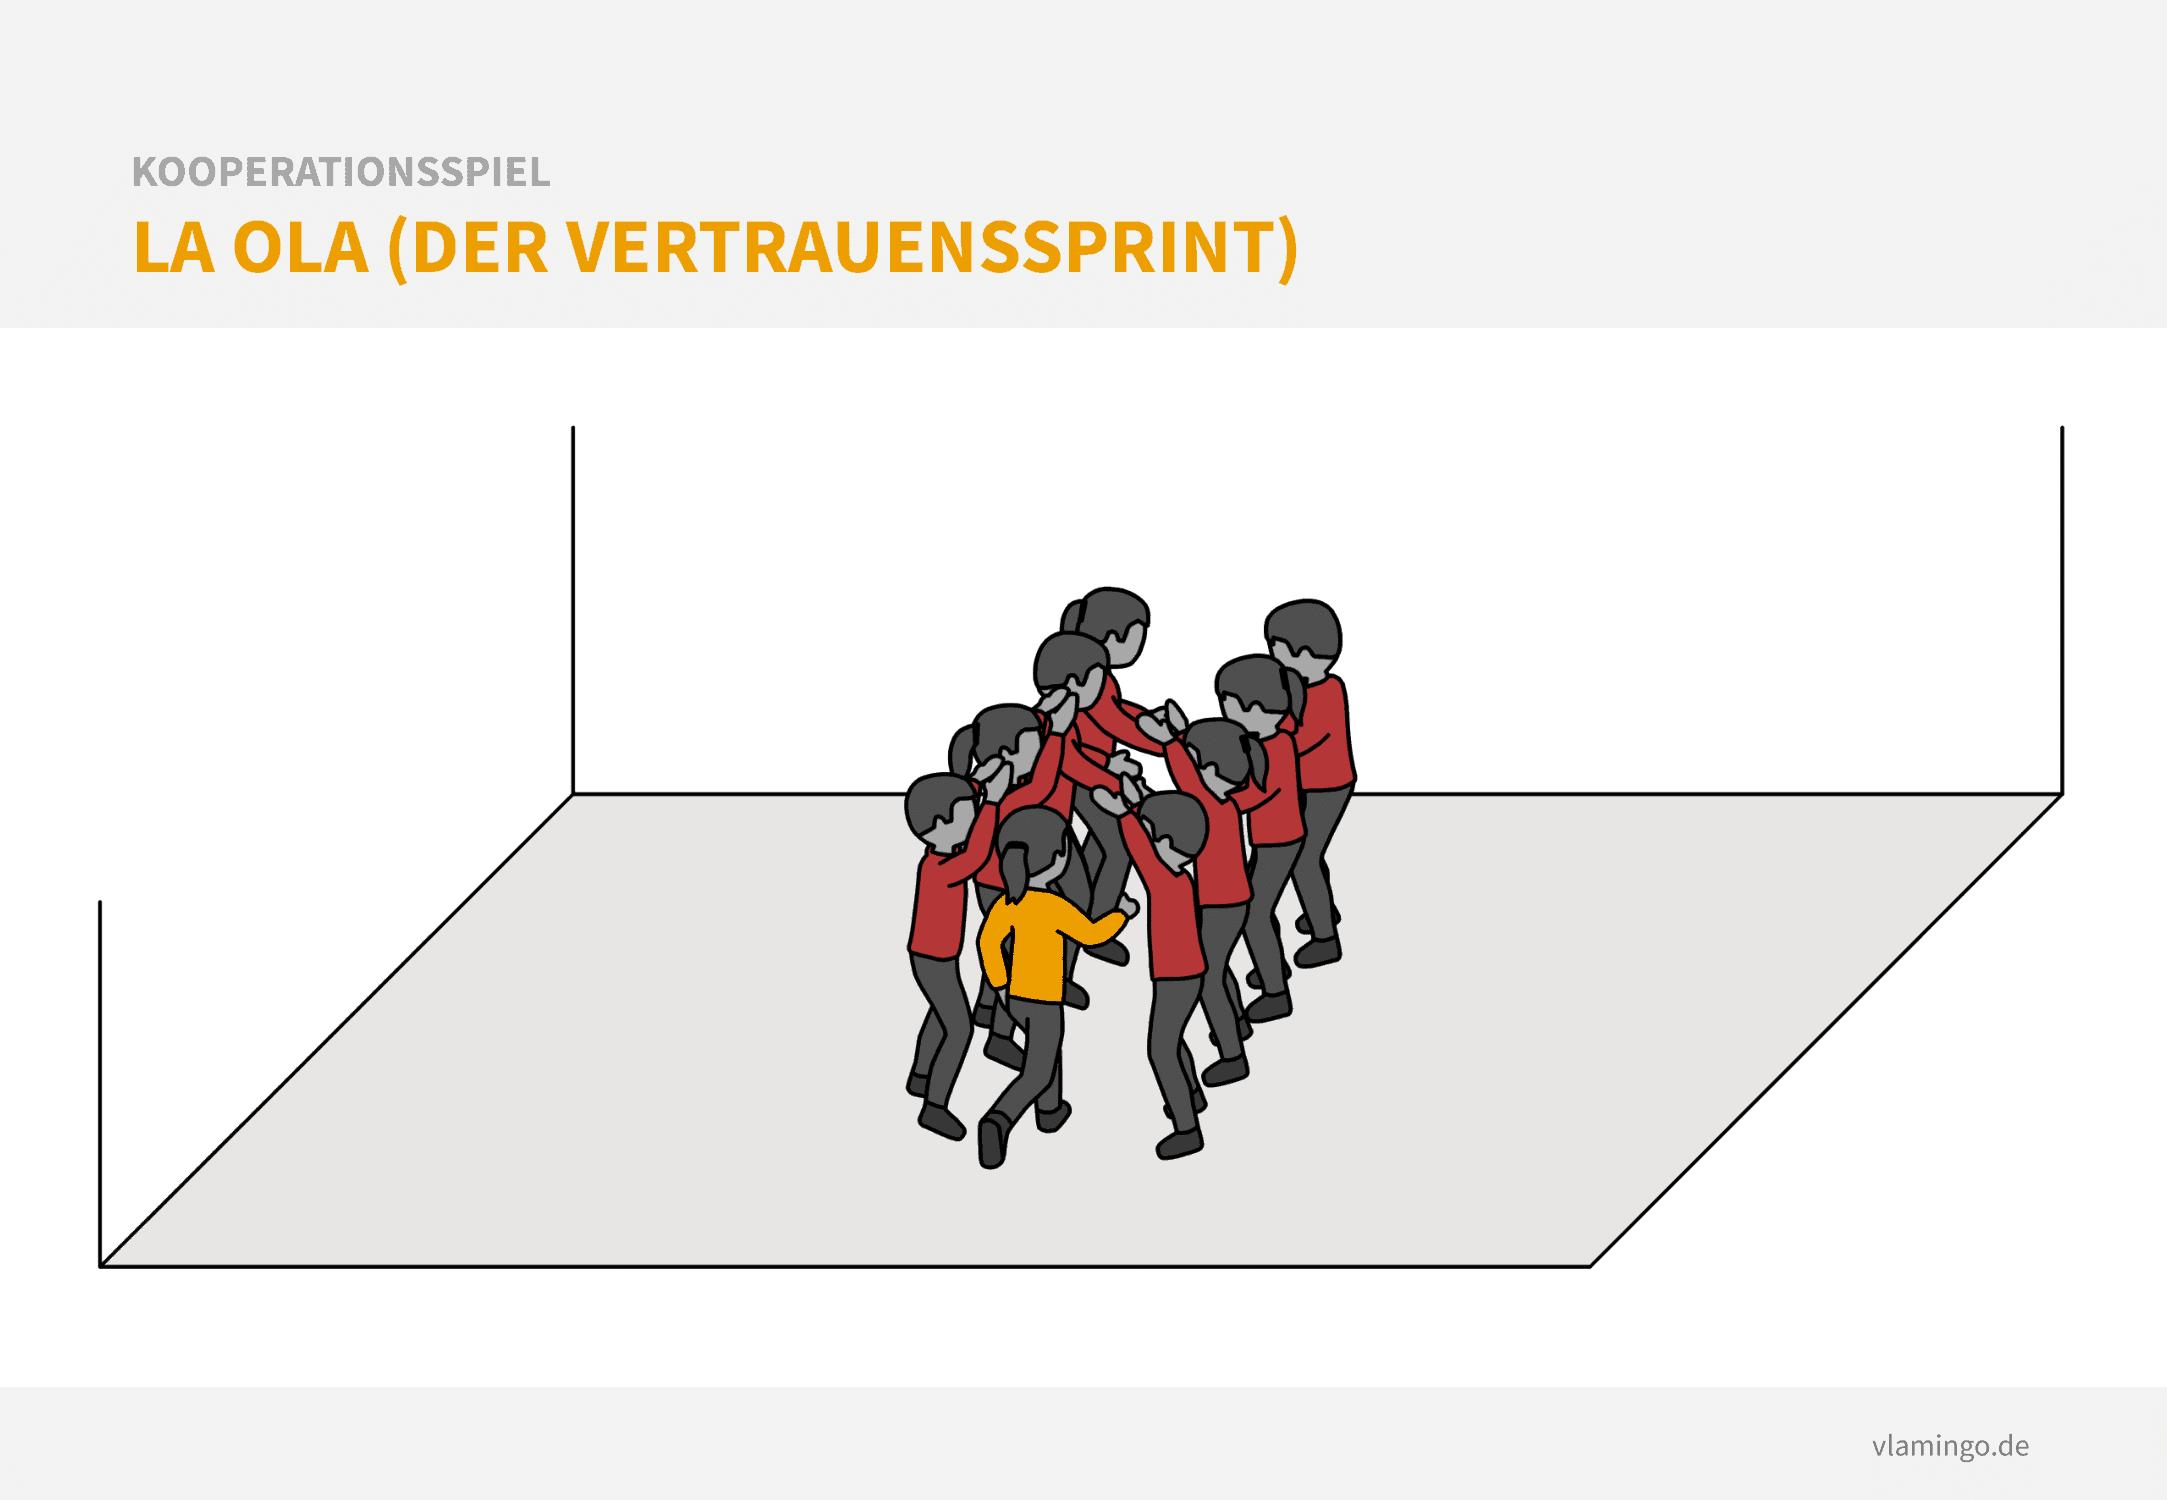 Kooperationsspiel: La Ola (Der Vertrauenssprint)